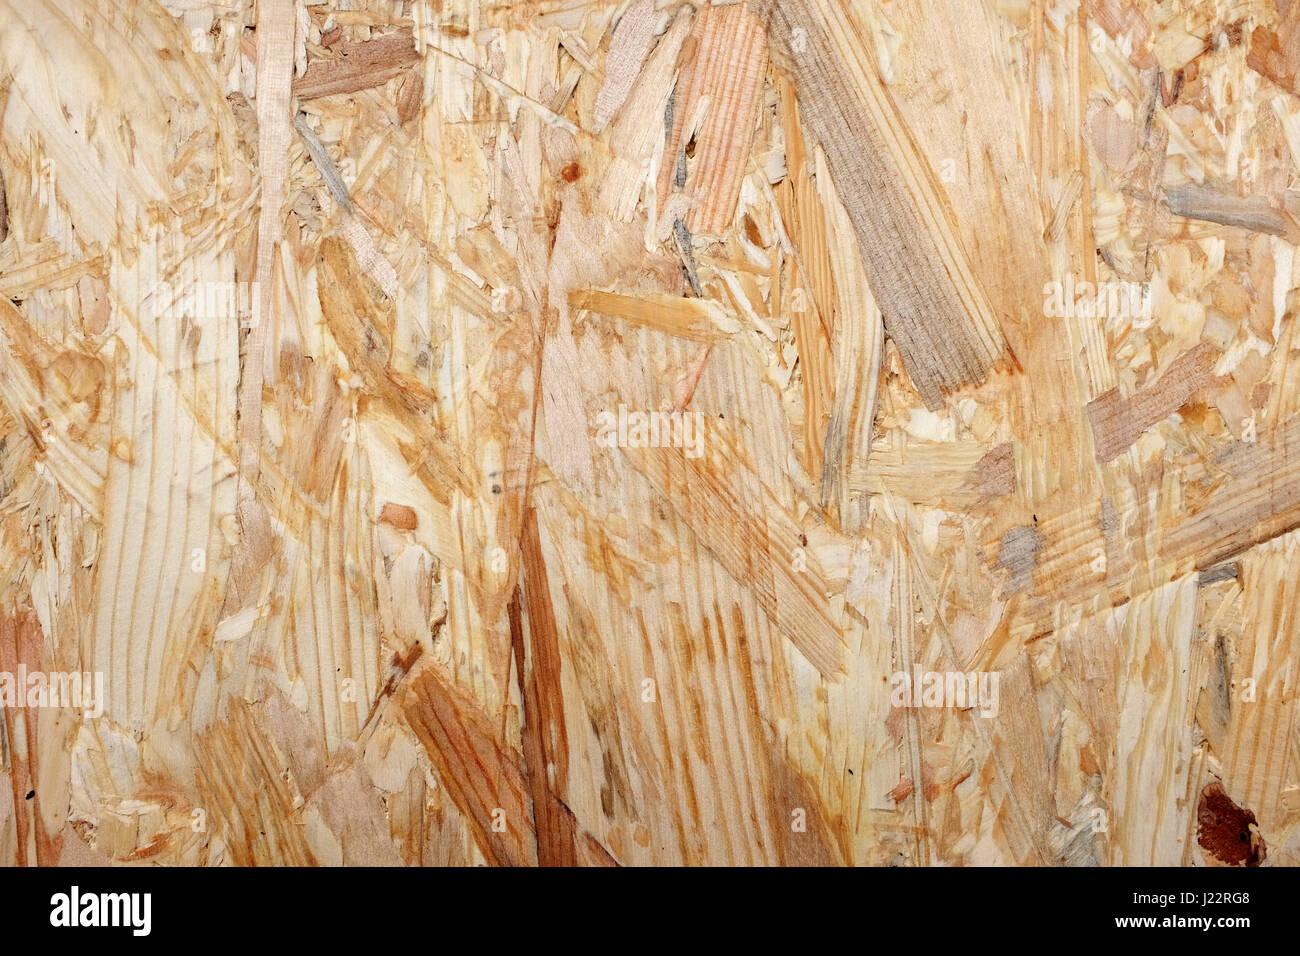 Dunkle Und Helle Holzleisten In Holzspanplatten Blatt Baustoff